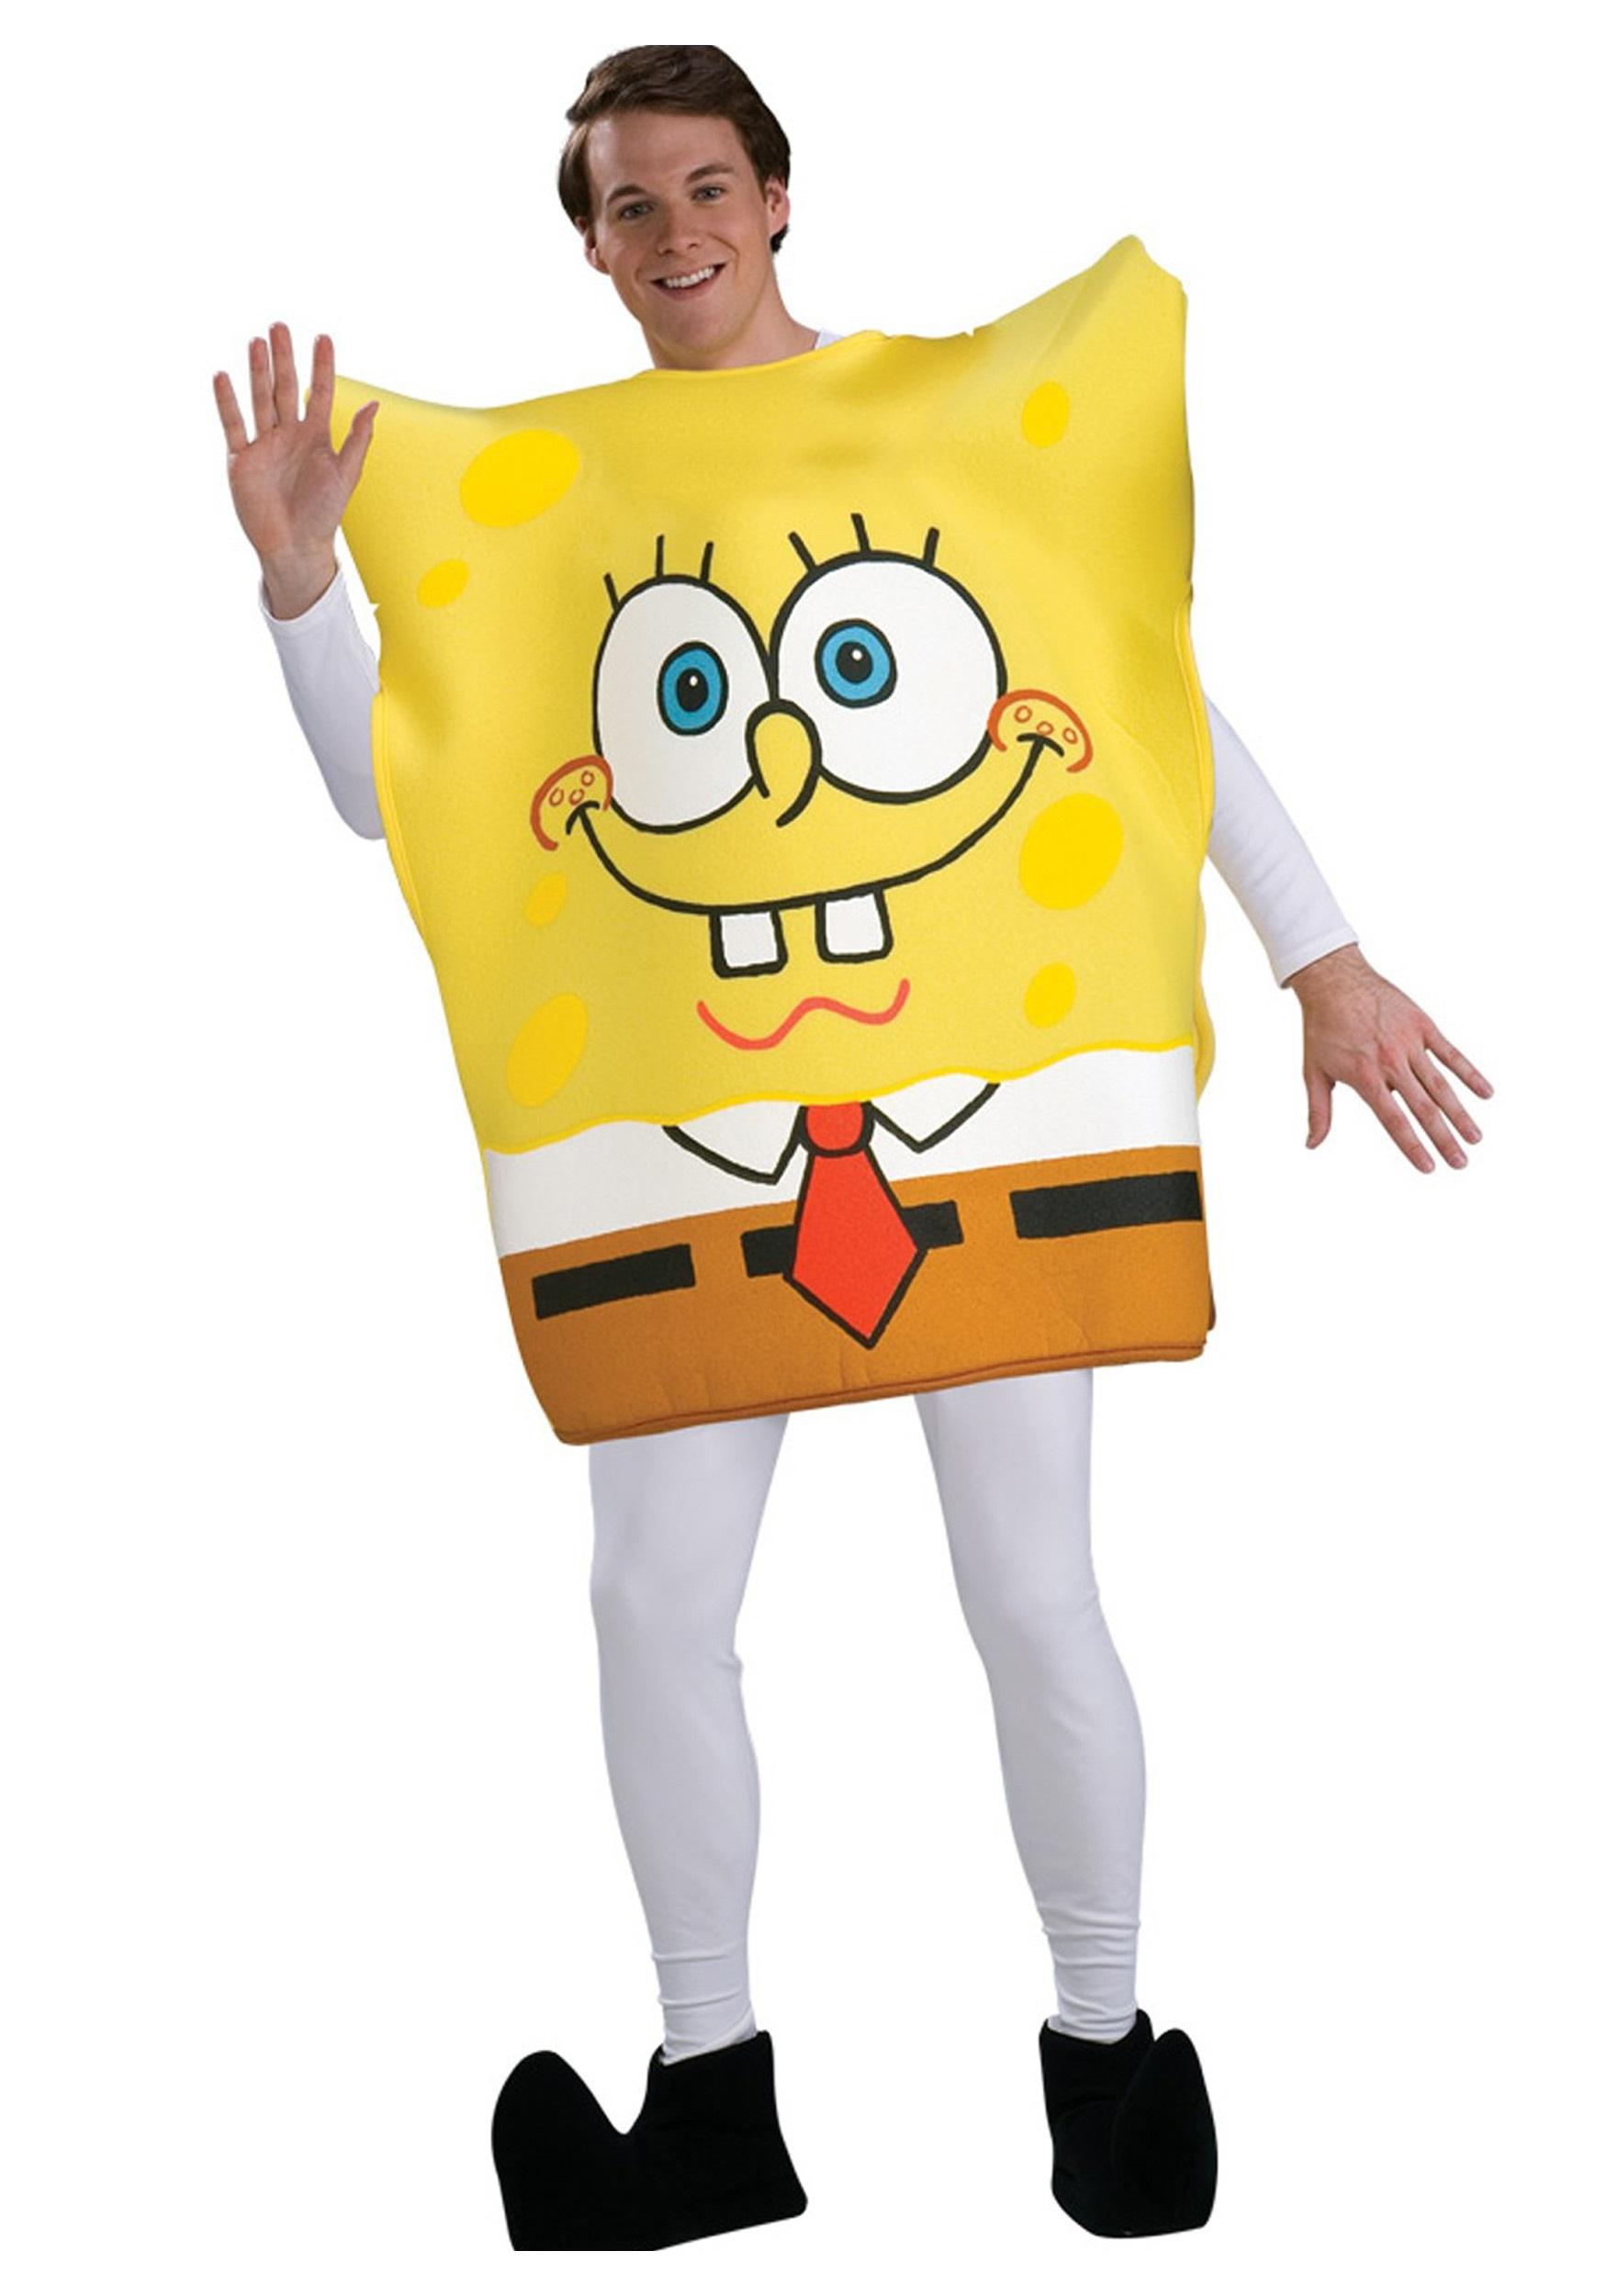 spongebob squarepants costumes for adults